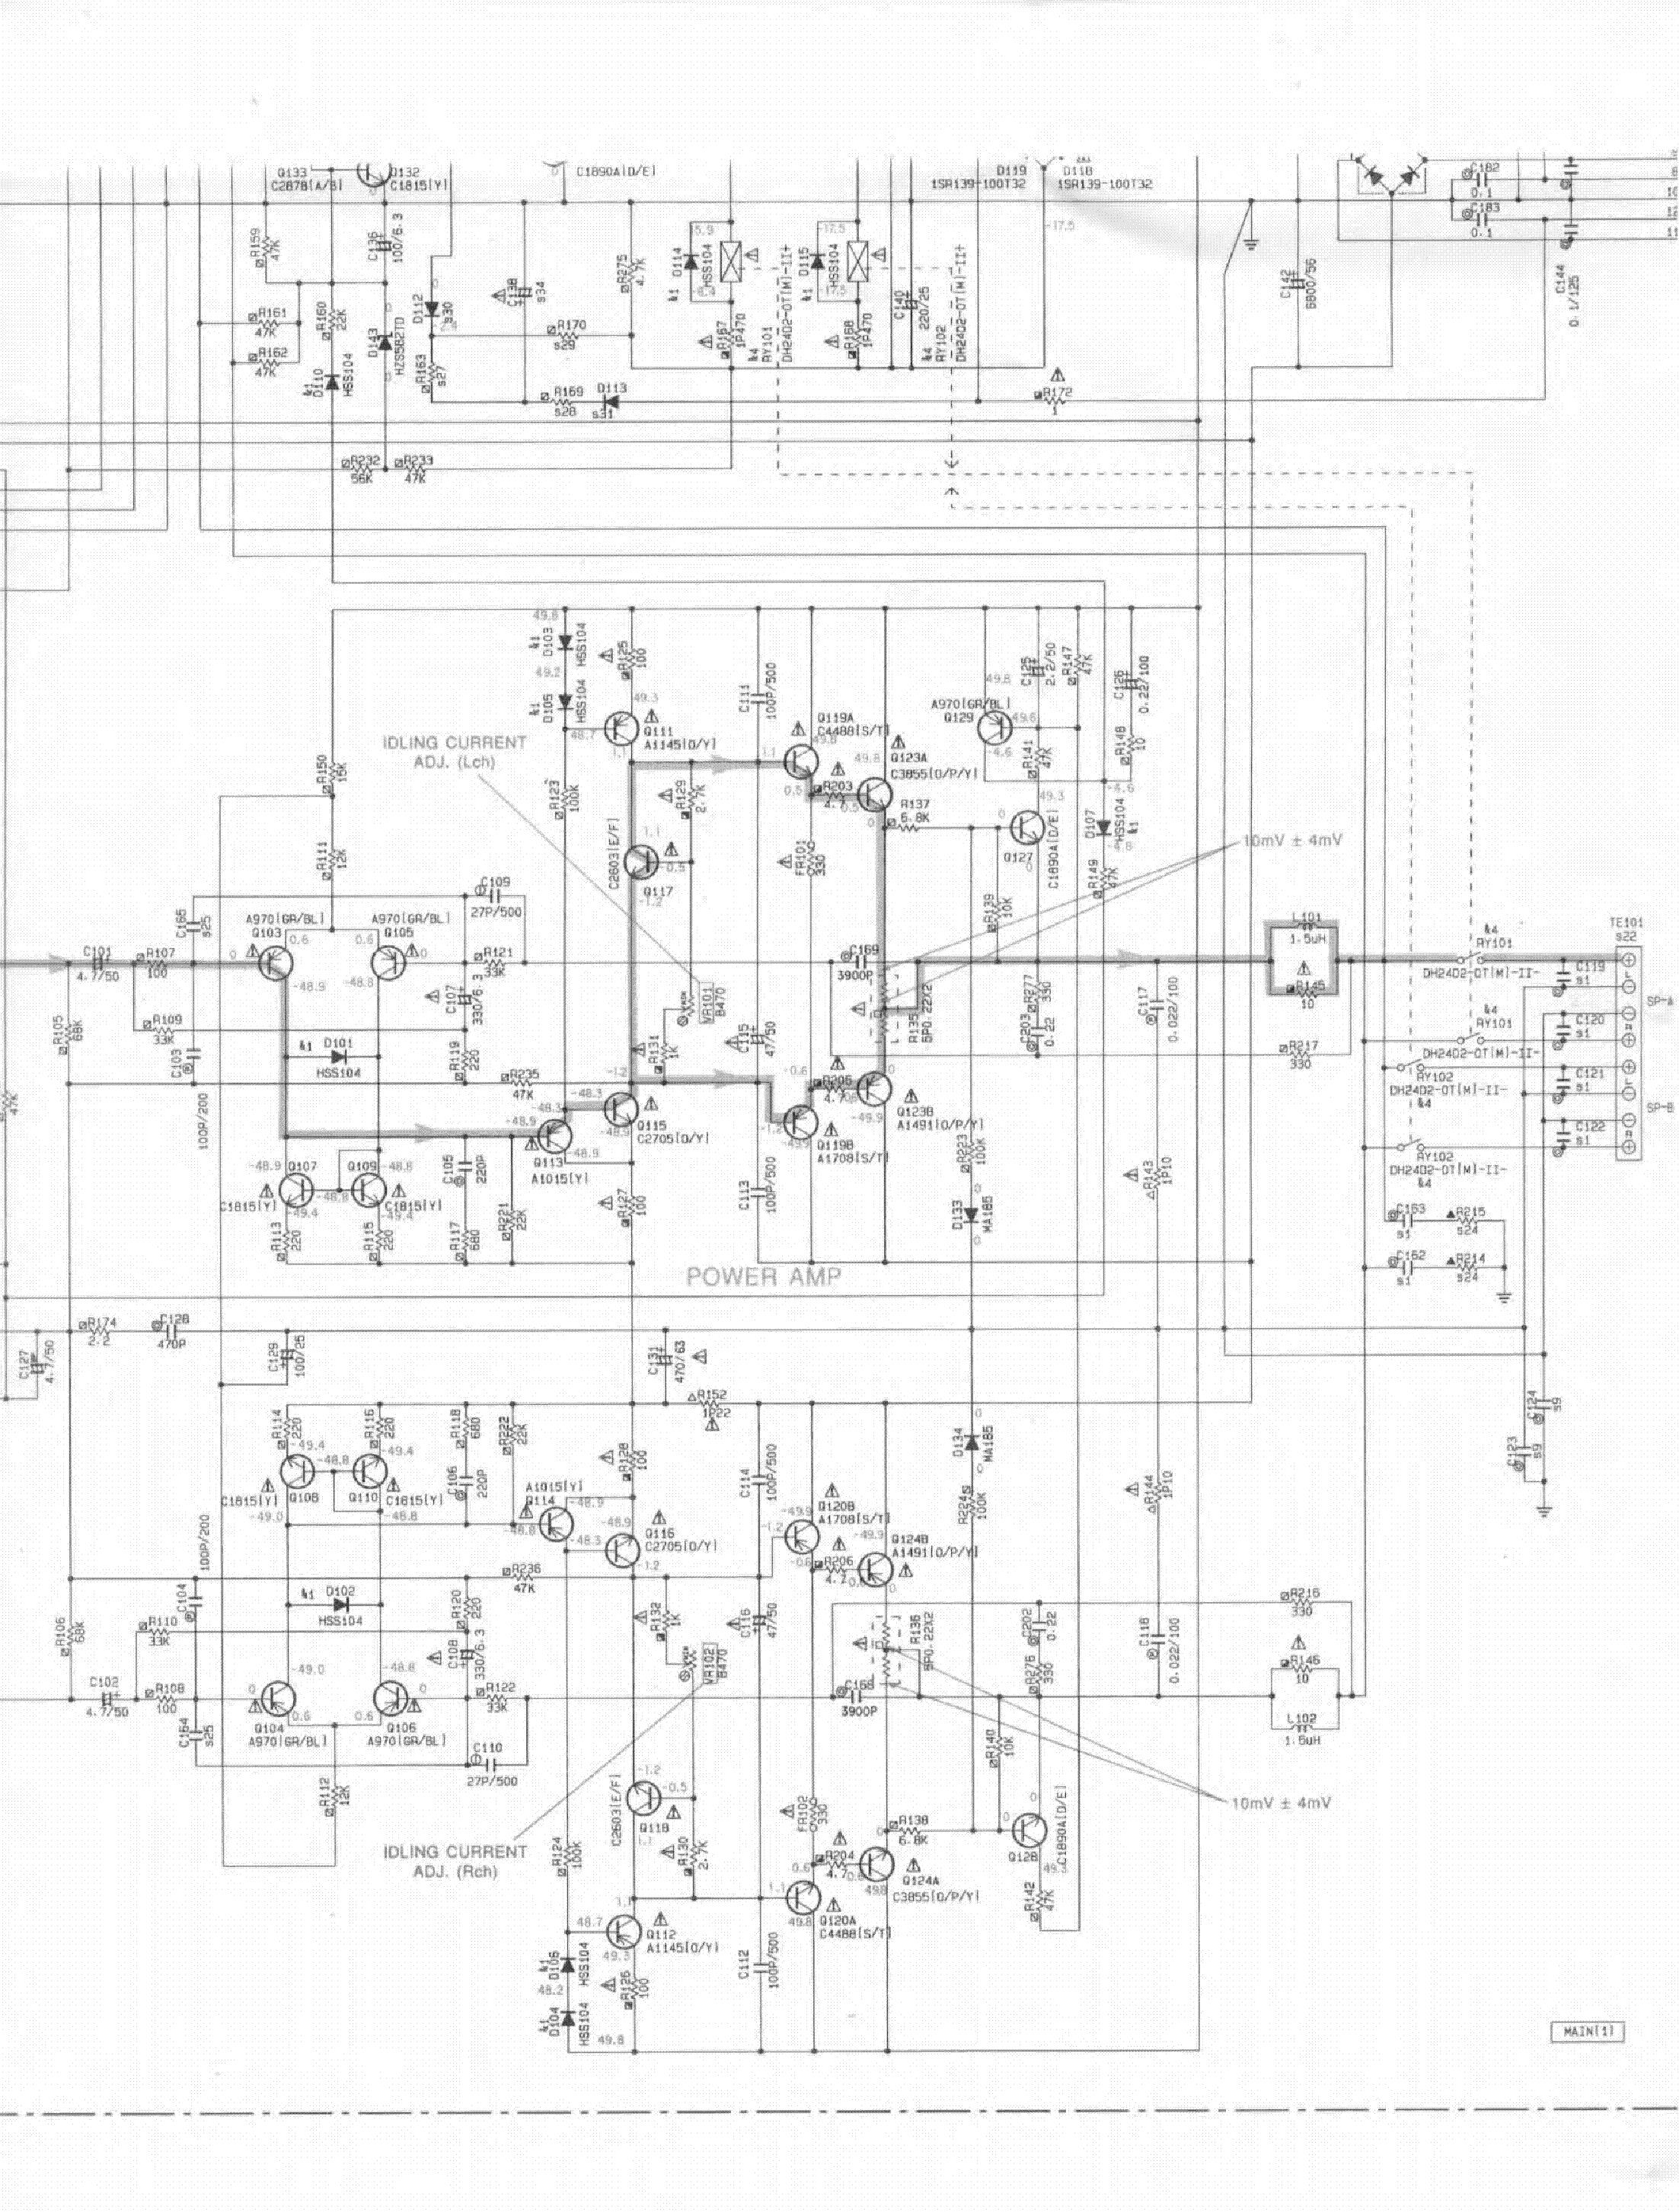 Yamaha Rx 135 Workshop Manual Pdf Rxz Wiring Diagram Download V661 User 130